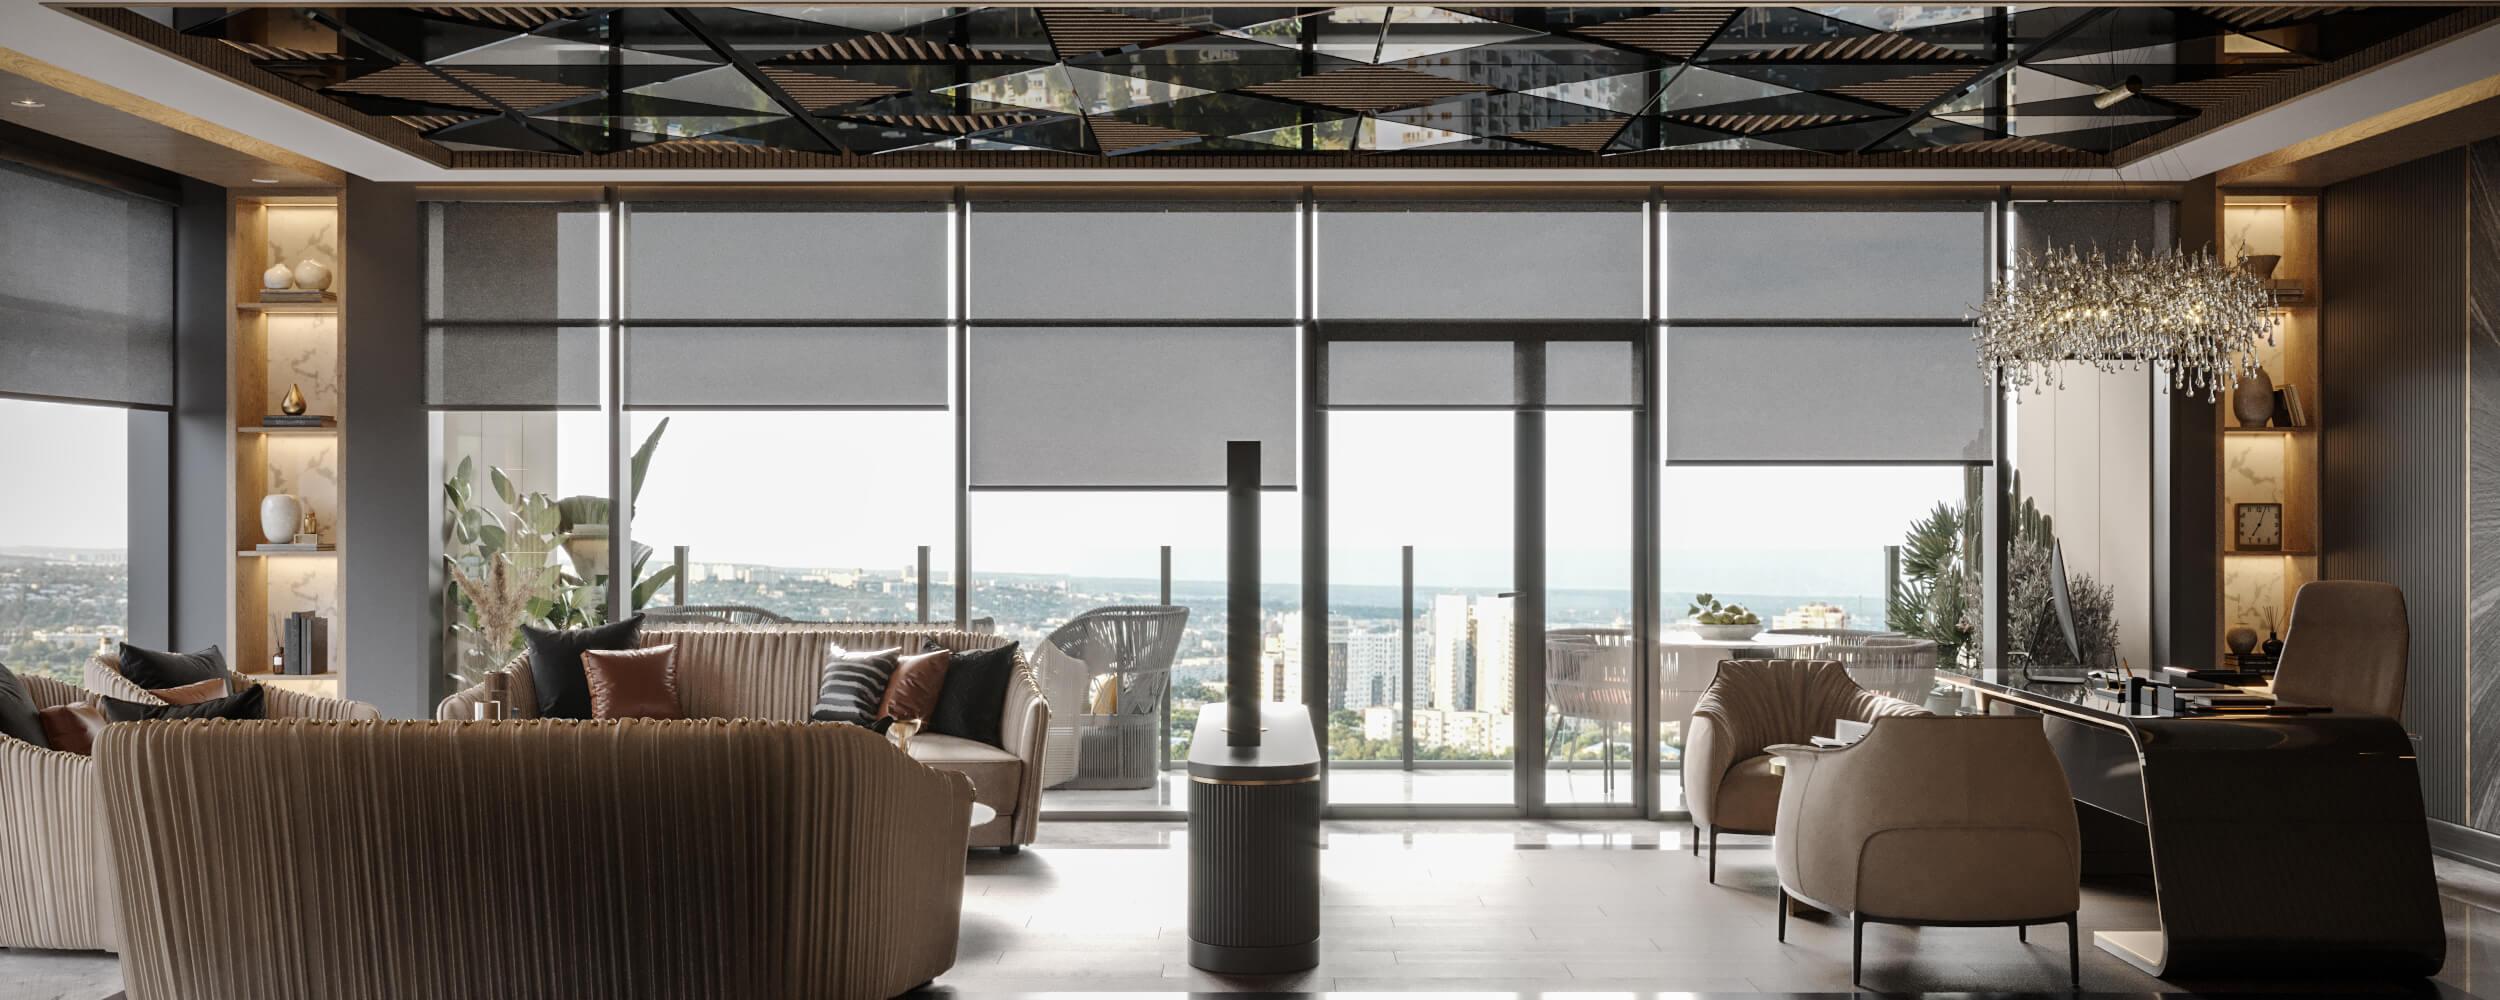 office design 4596 Mahall Ankara Offices